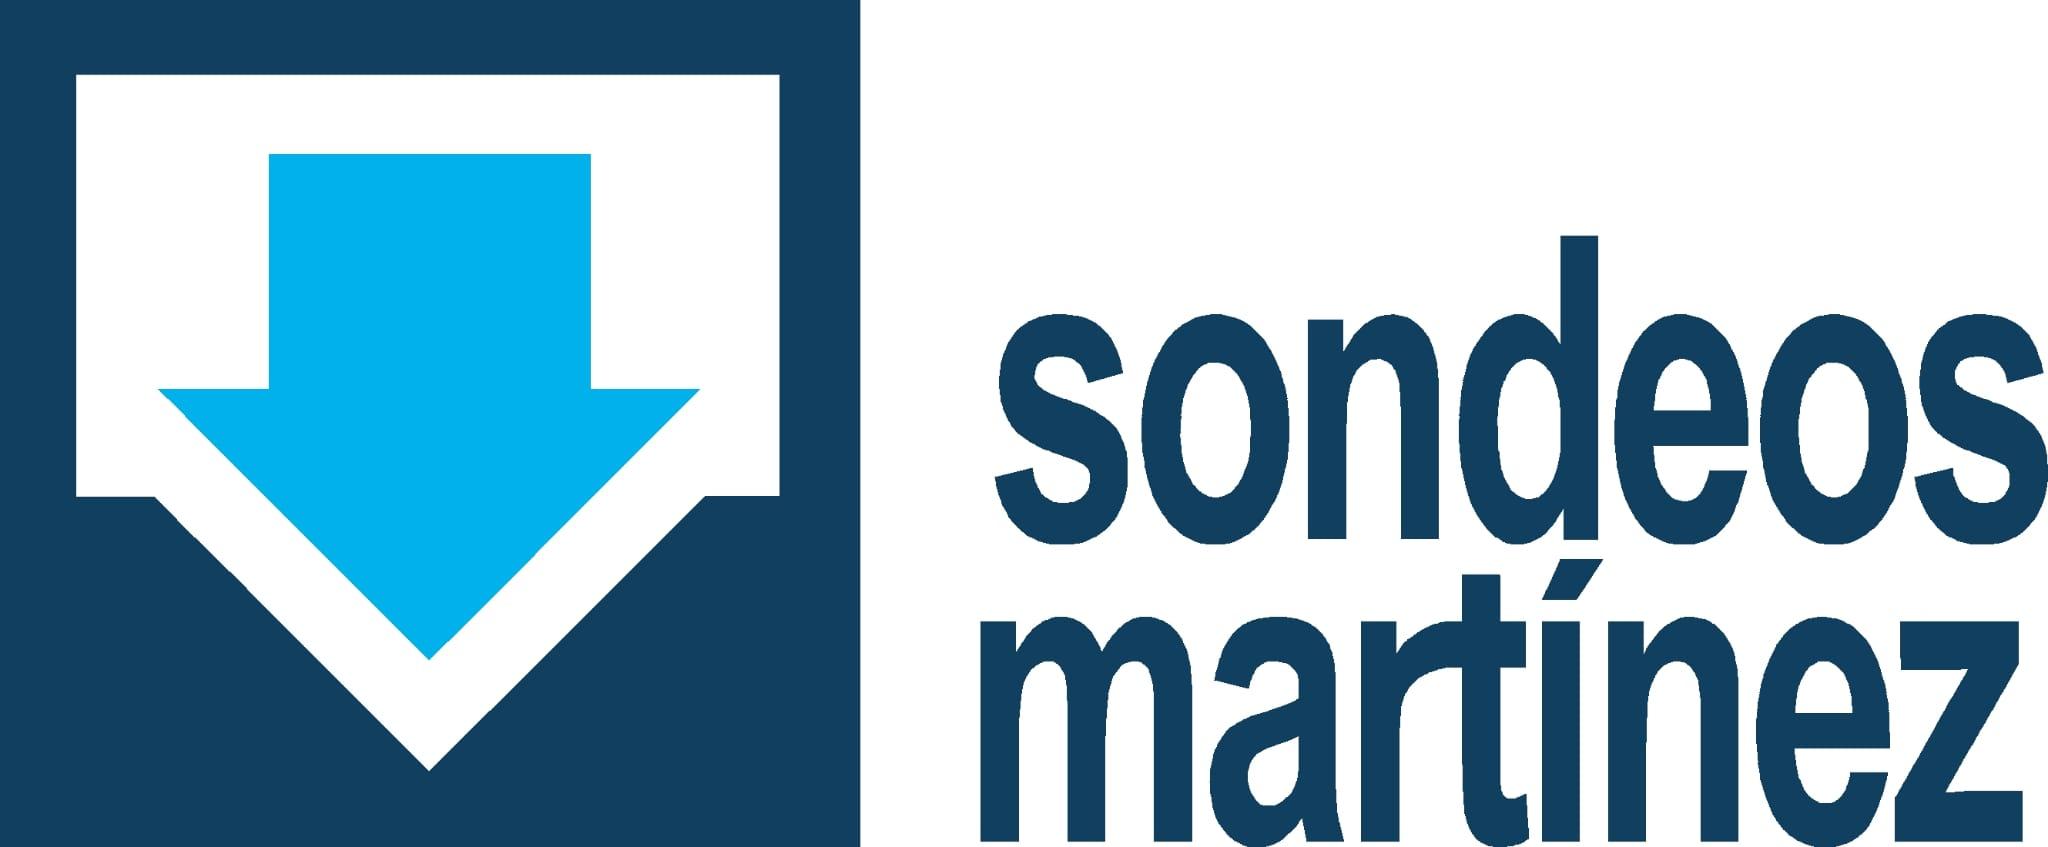 Sondeos Martínez - Construcción de Pozos y Sondeos